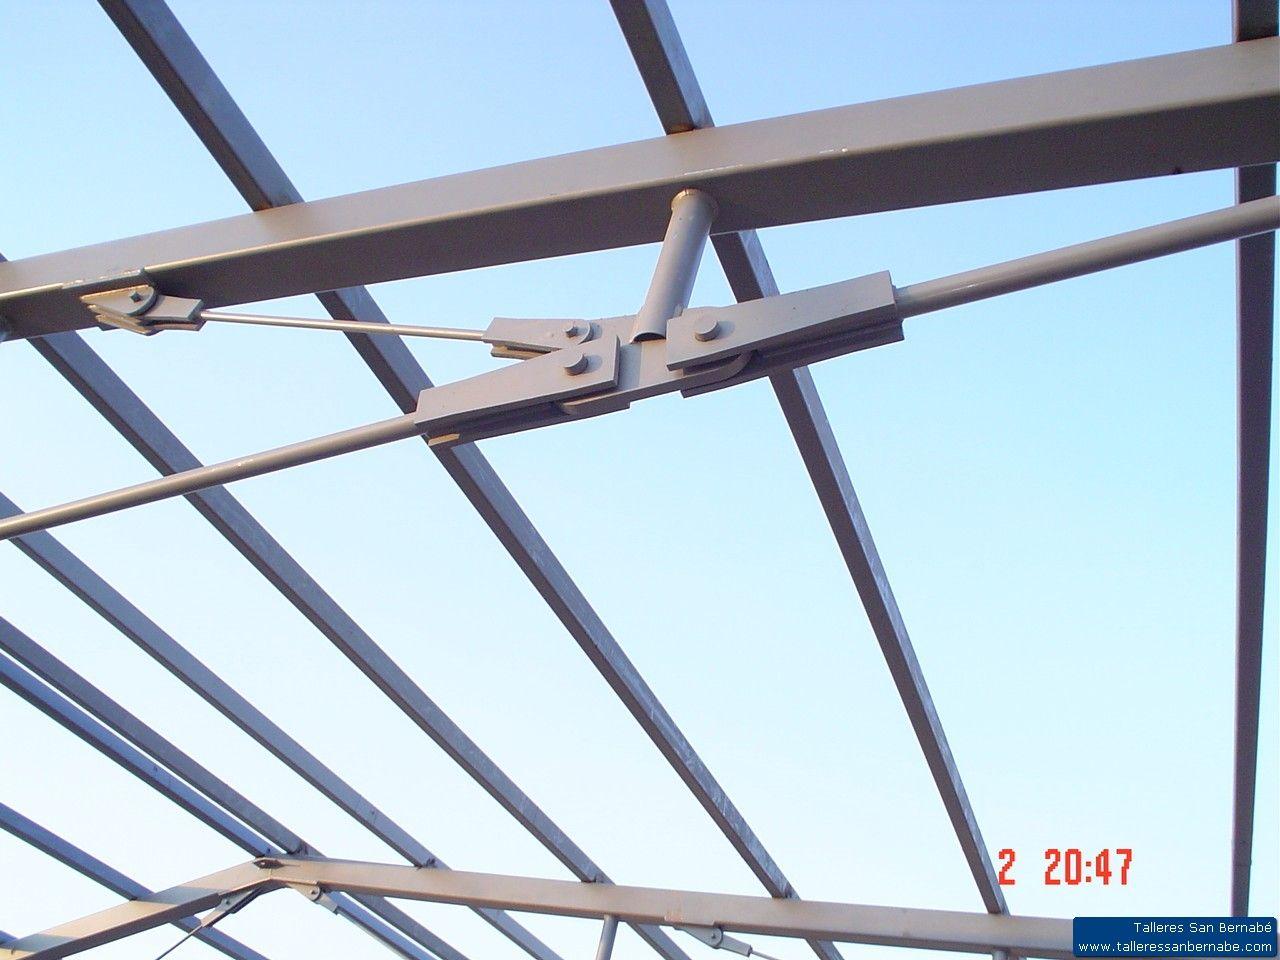 Estructuras metalicas productos de talleres san bernab - Estructura metalica cubierta ...